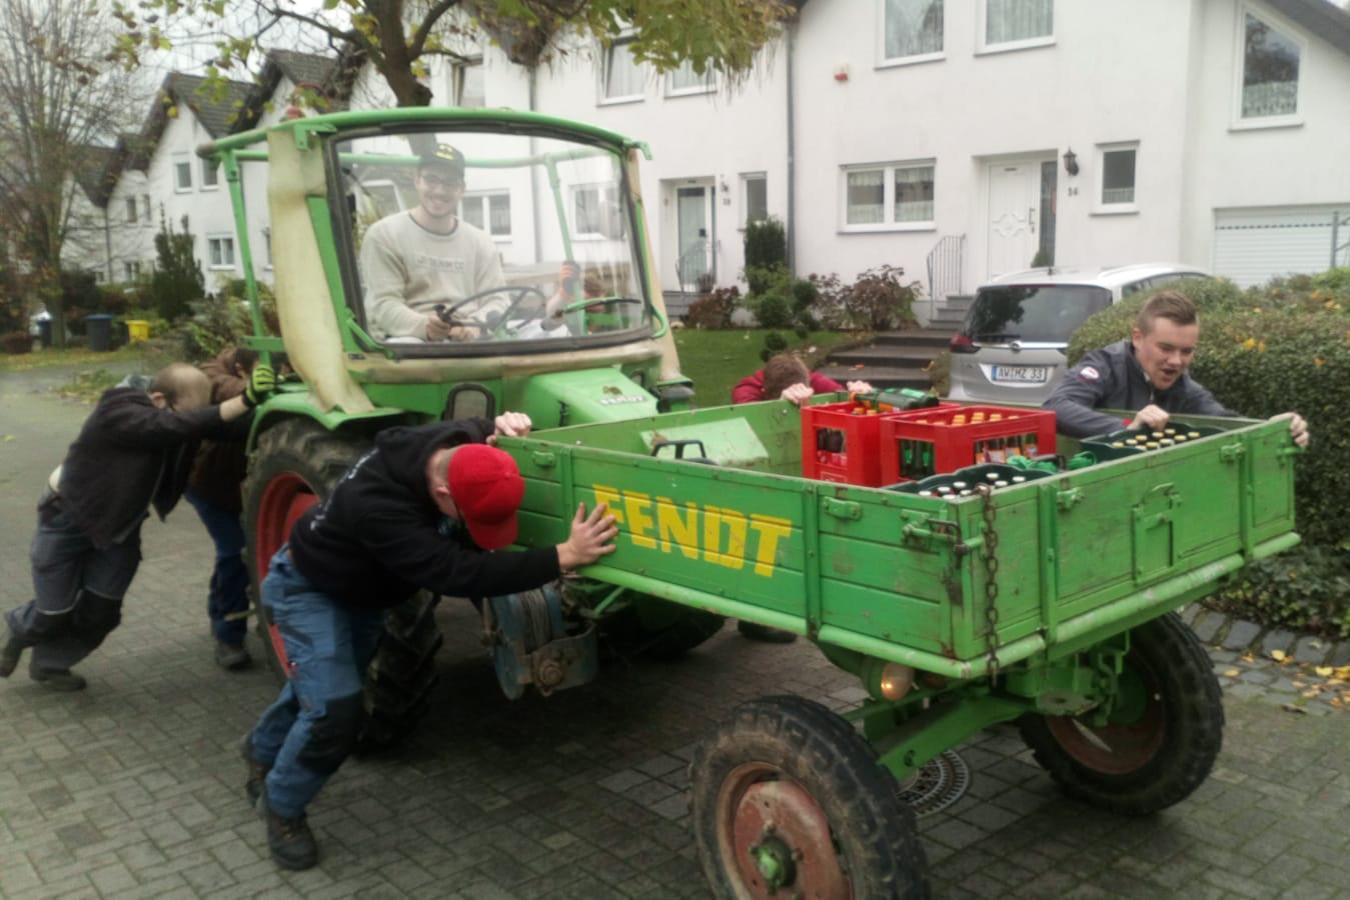 Um den Traktor ans Laufen zu bringen, schieben die Junggesellen den Traktor an, während Majestät Markus Fabritius versucht, den Motor zu starten. Foto: JSG